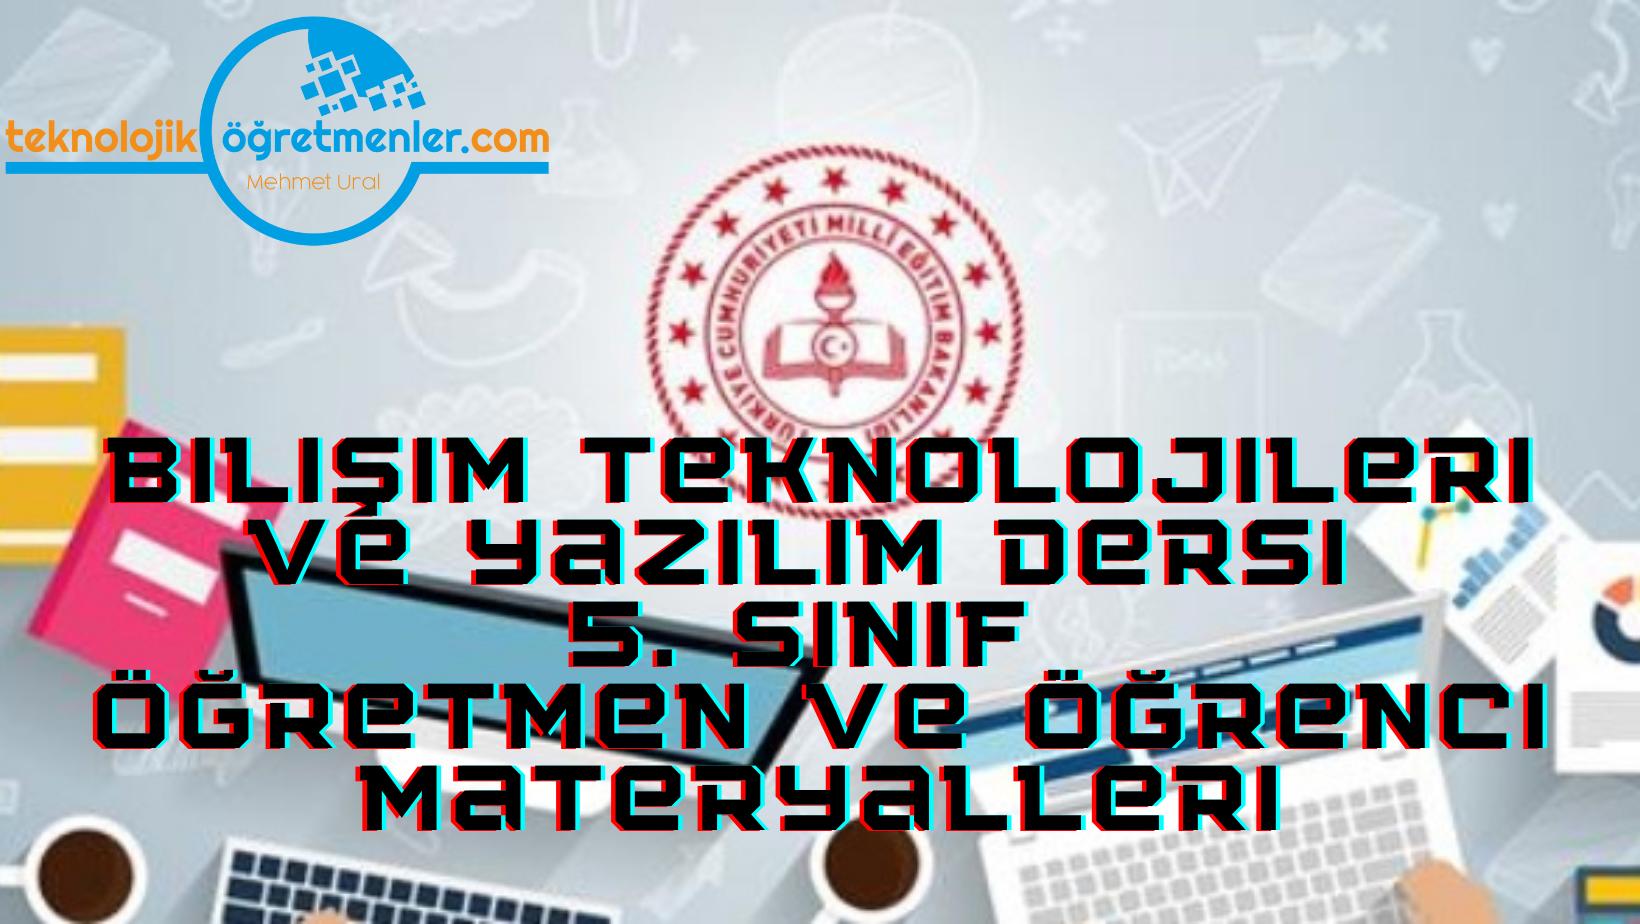 Bilişim Teknolojileri ve Yazılım Dersi 5. Sınıf Öğretmen ve Öğrenci Materyalleri